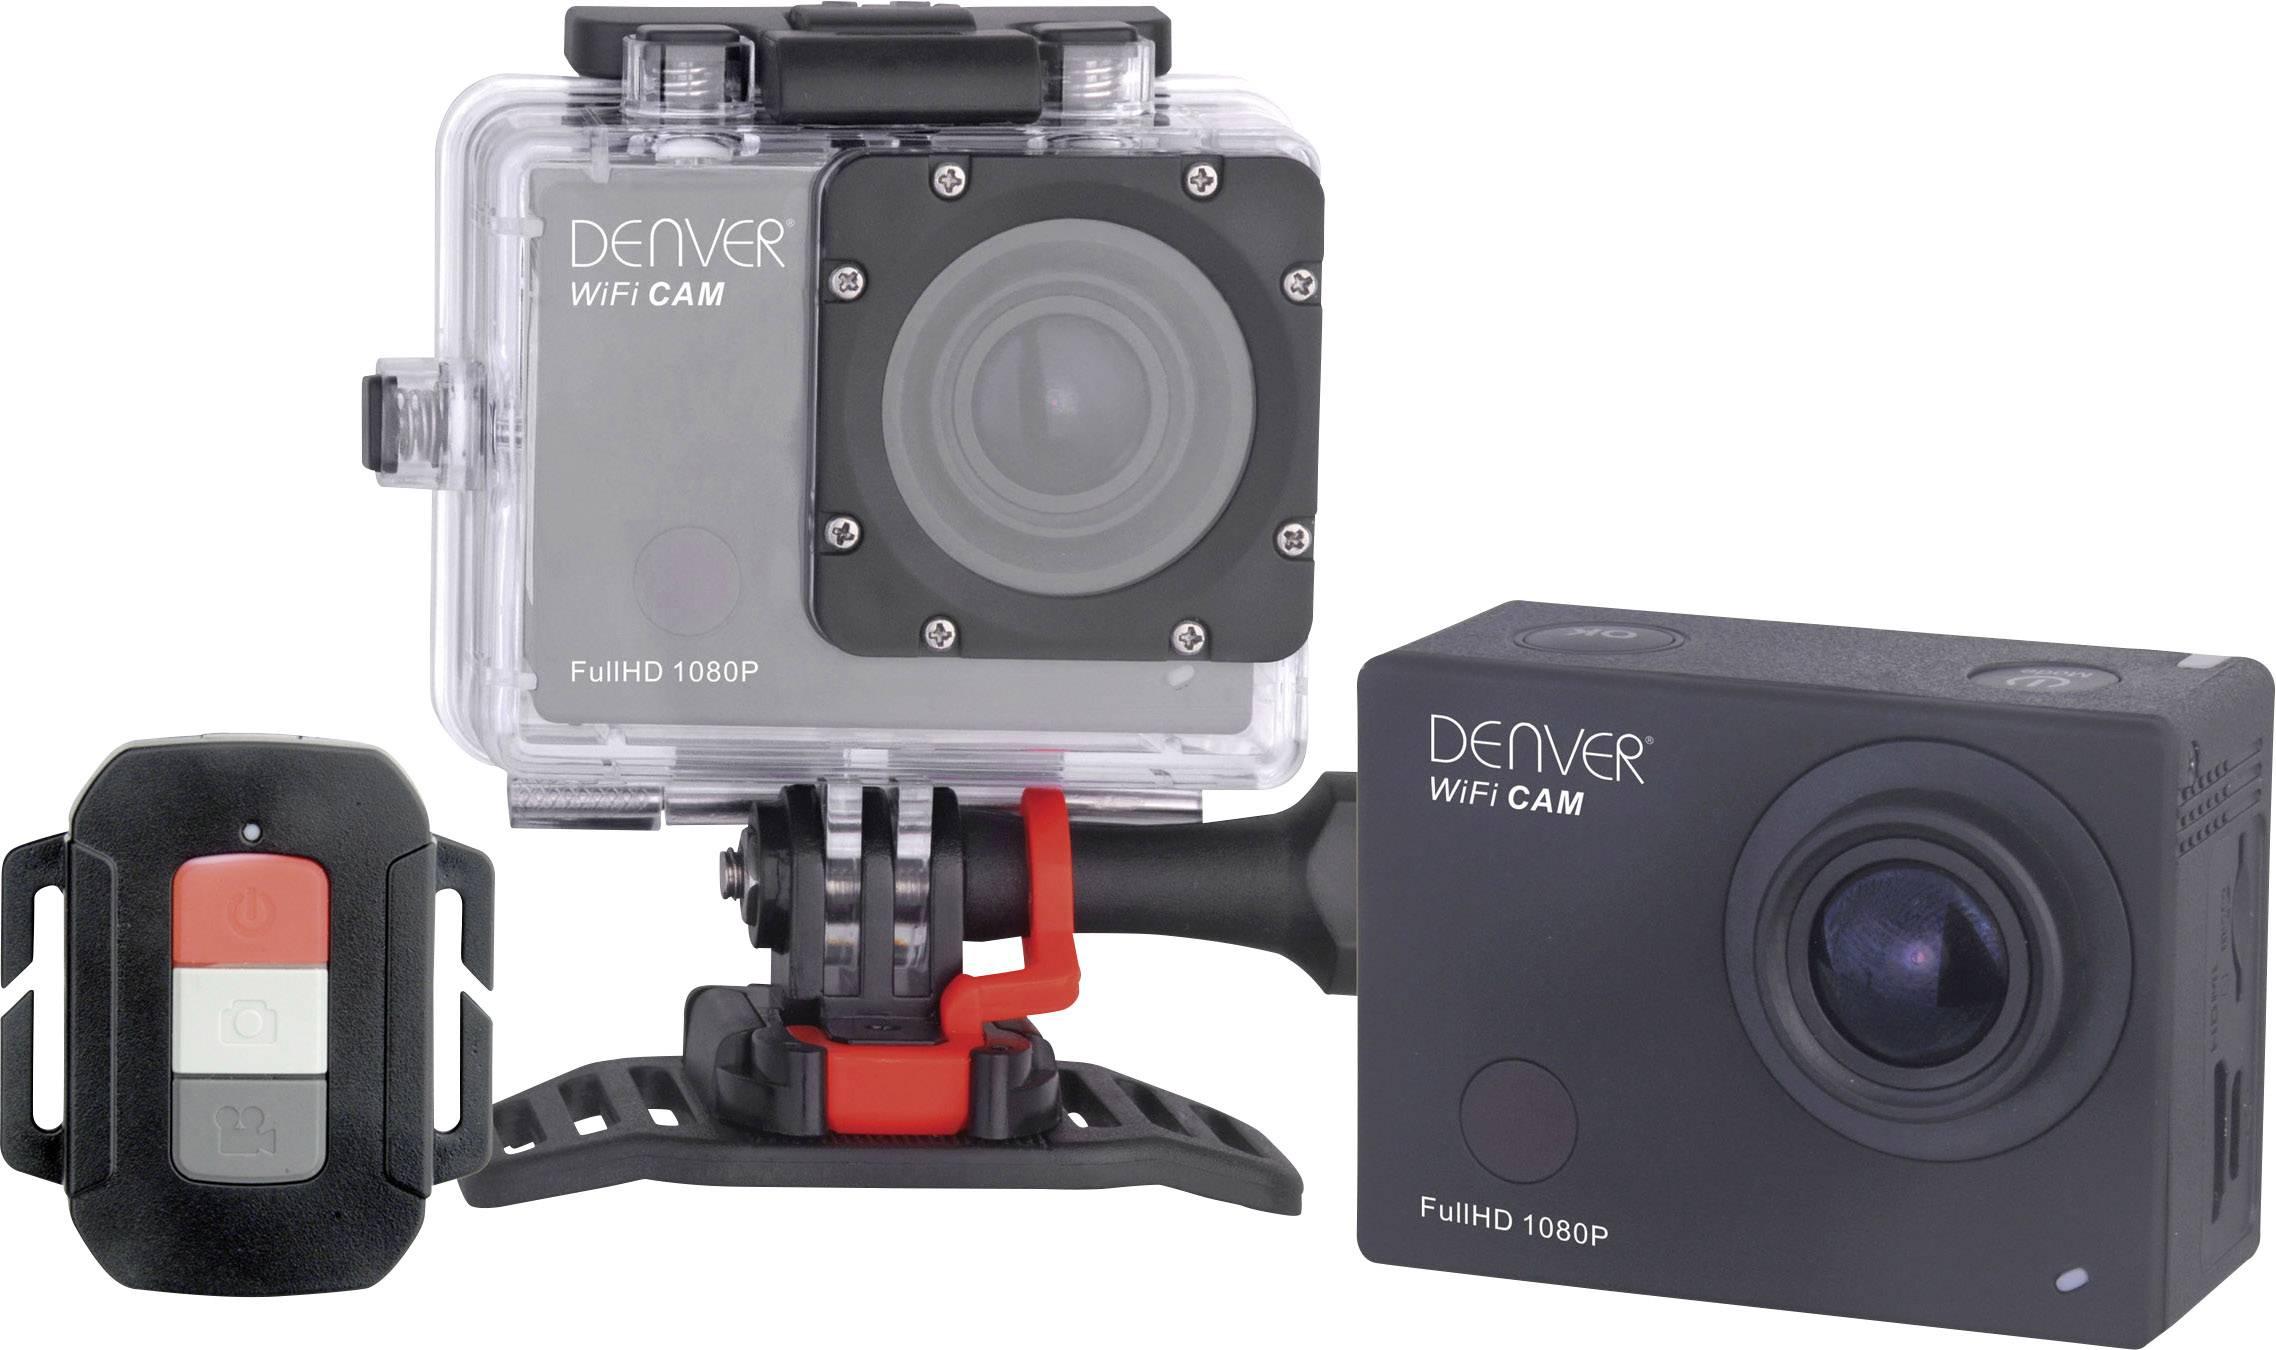 Sportovní outdoorová kamera Denver ACT-8030W s Full HD, Wi-Fi